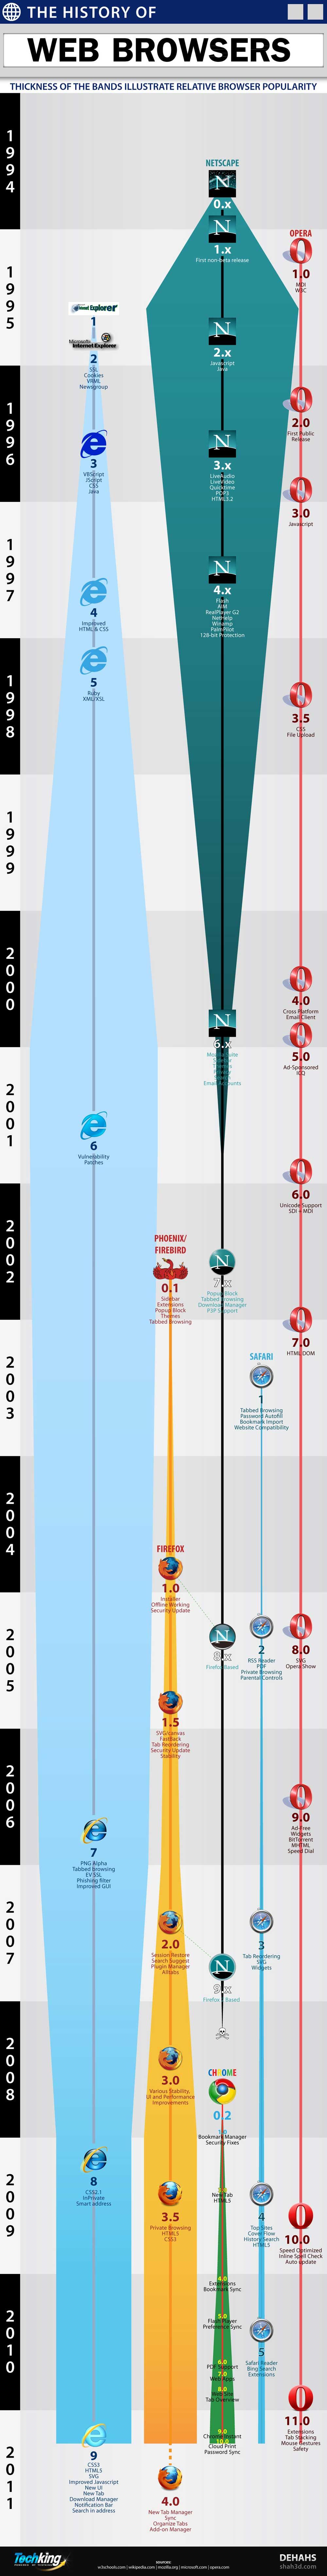 Evolution des navigateurs internet